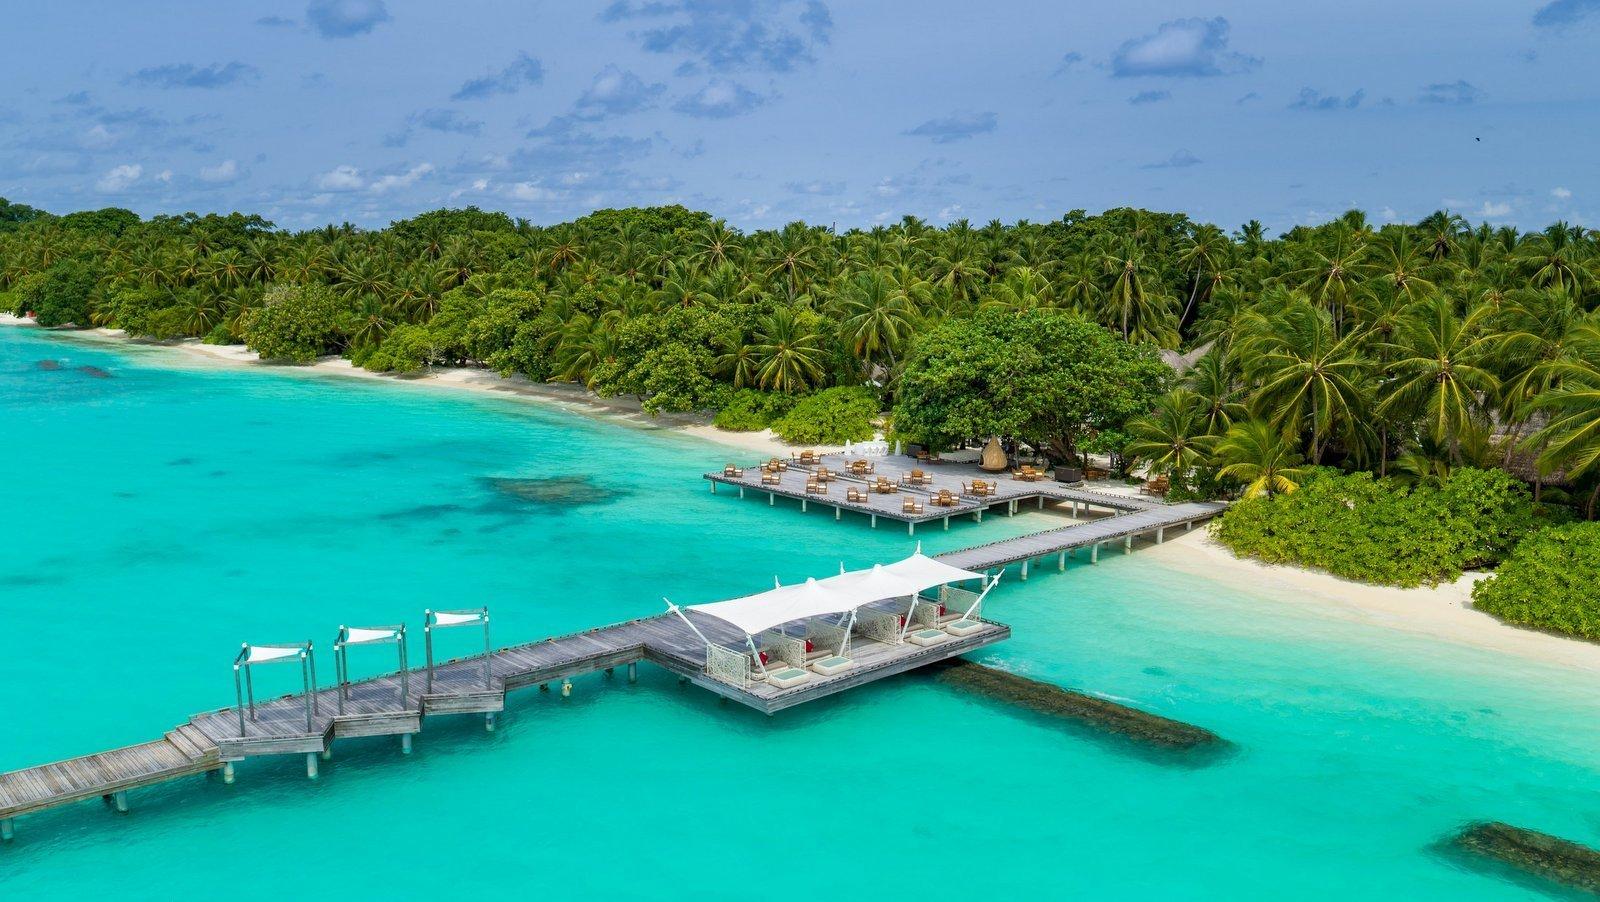 Мальдивы, отель Kuramathi Maldives, бар Dhoni